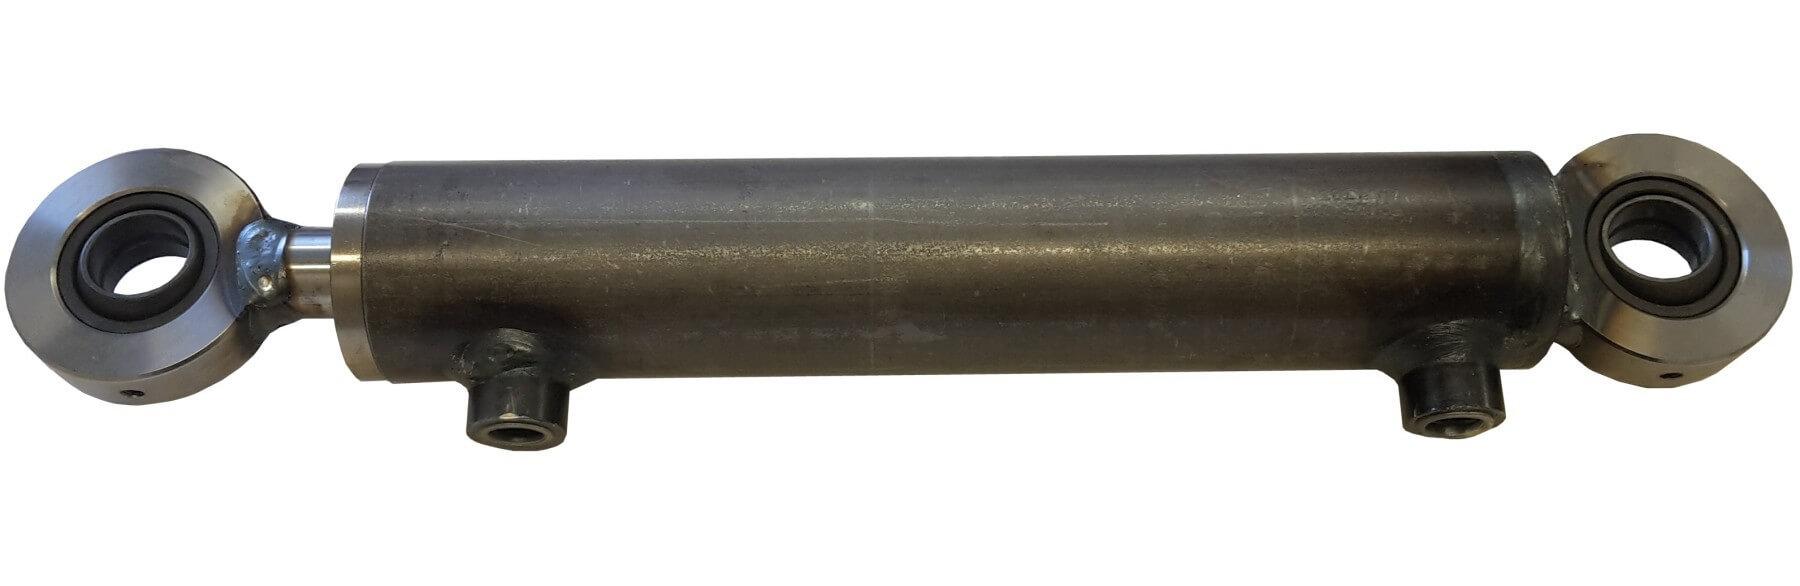 Hydraulisylinteri CL 32. 20. 200 GE - Kailatec Oy Verkkokauppa